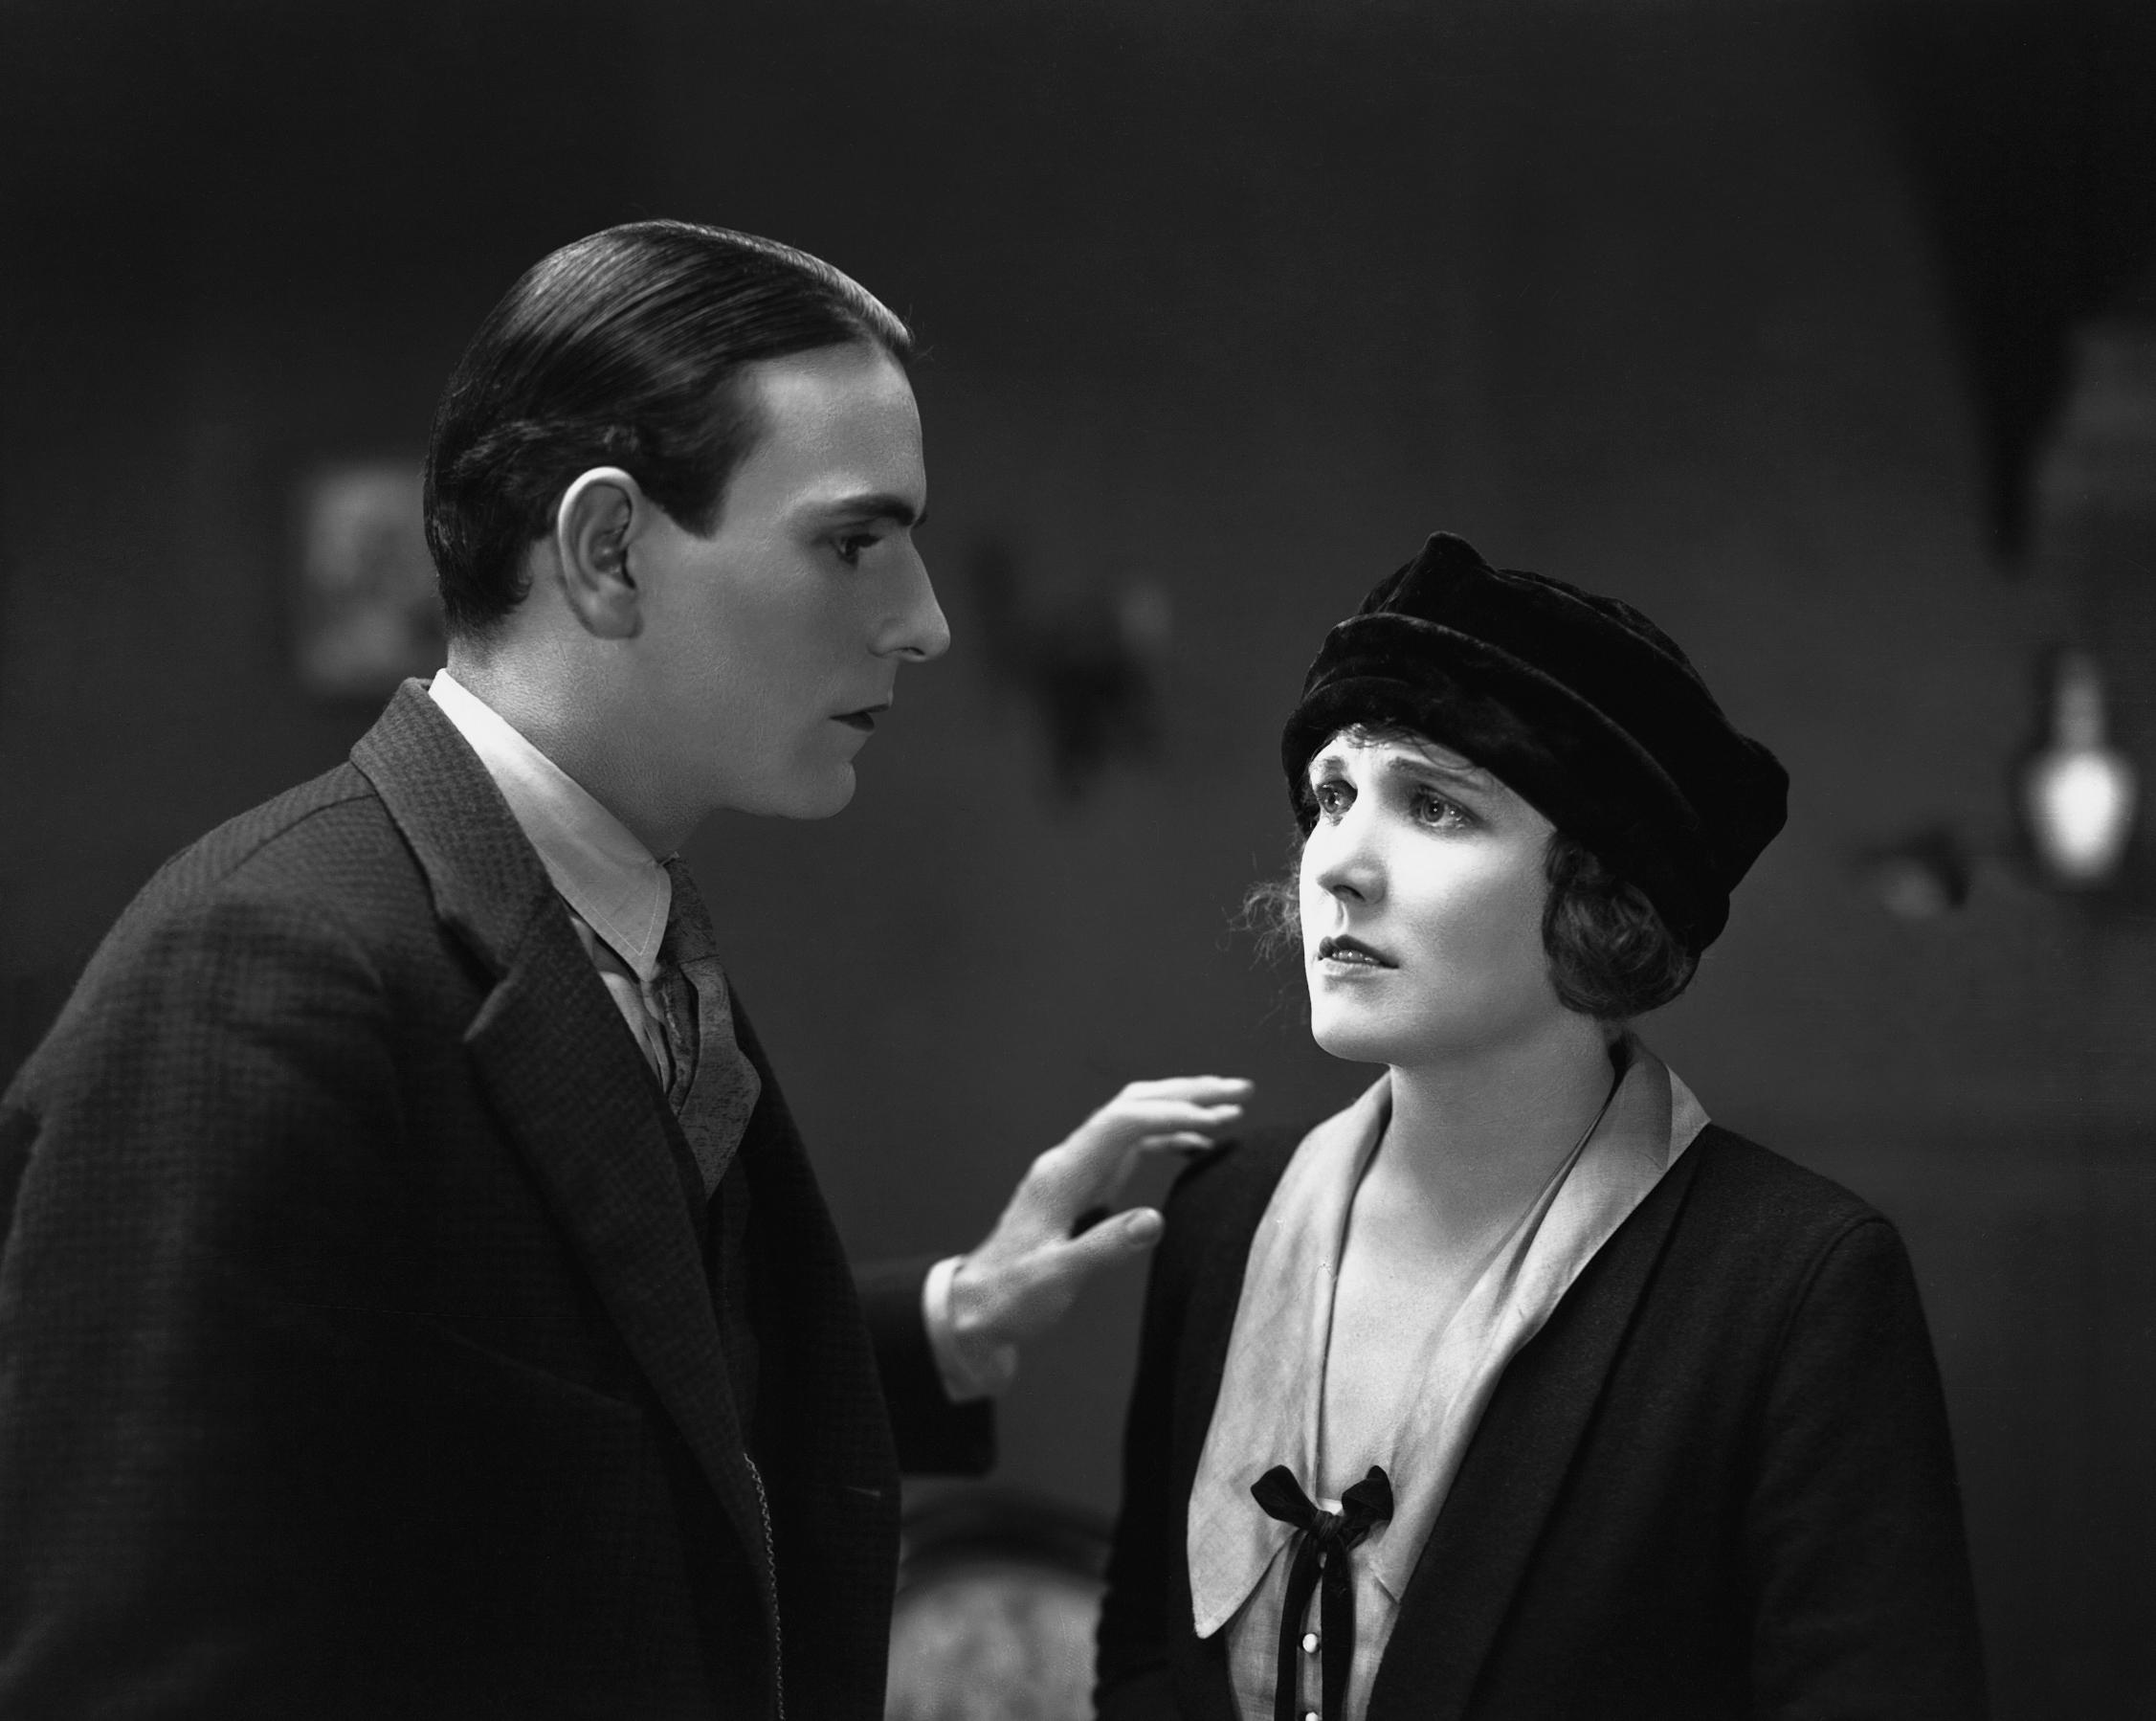 L'Opinion publique (1923)